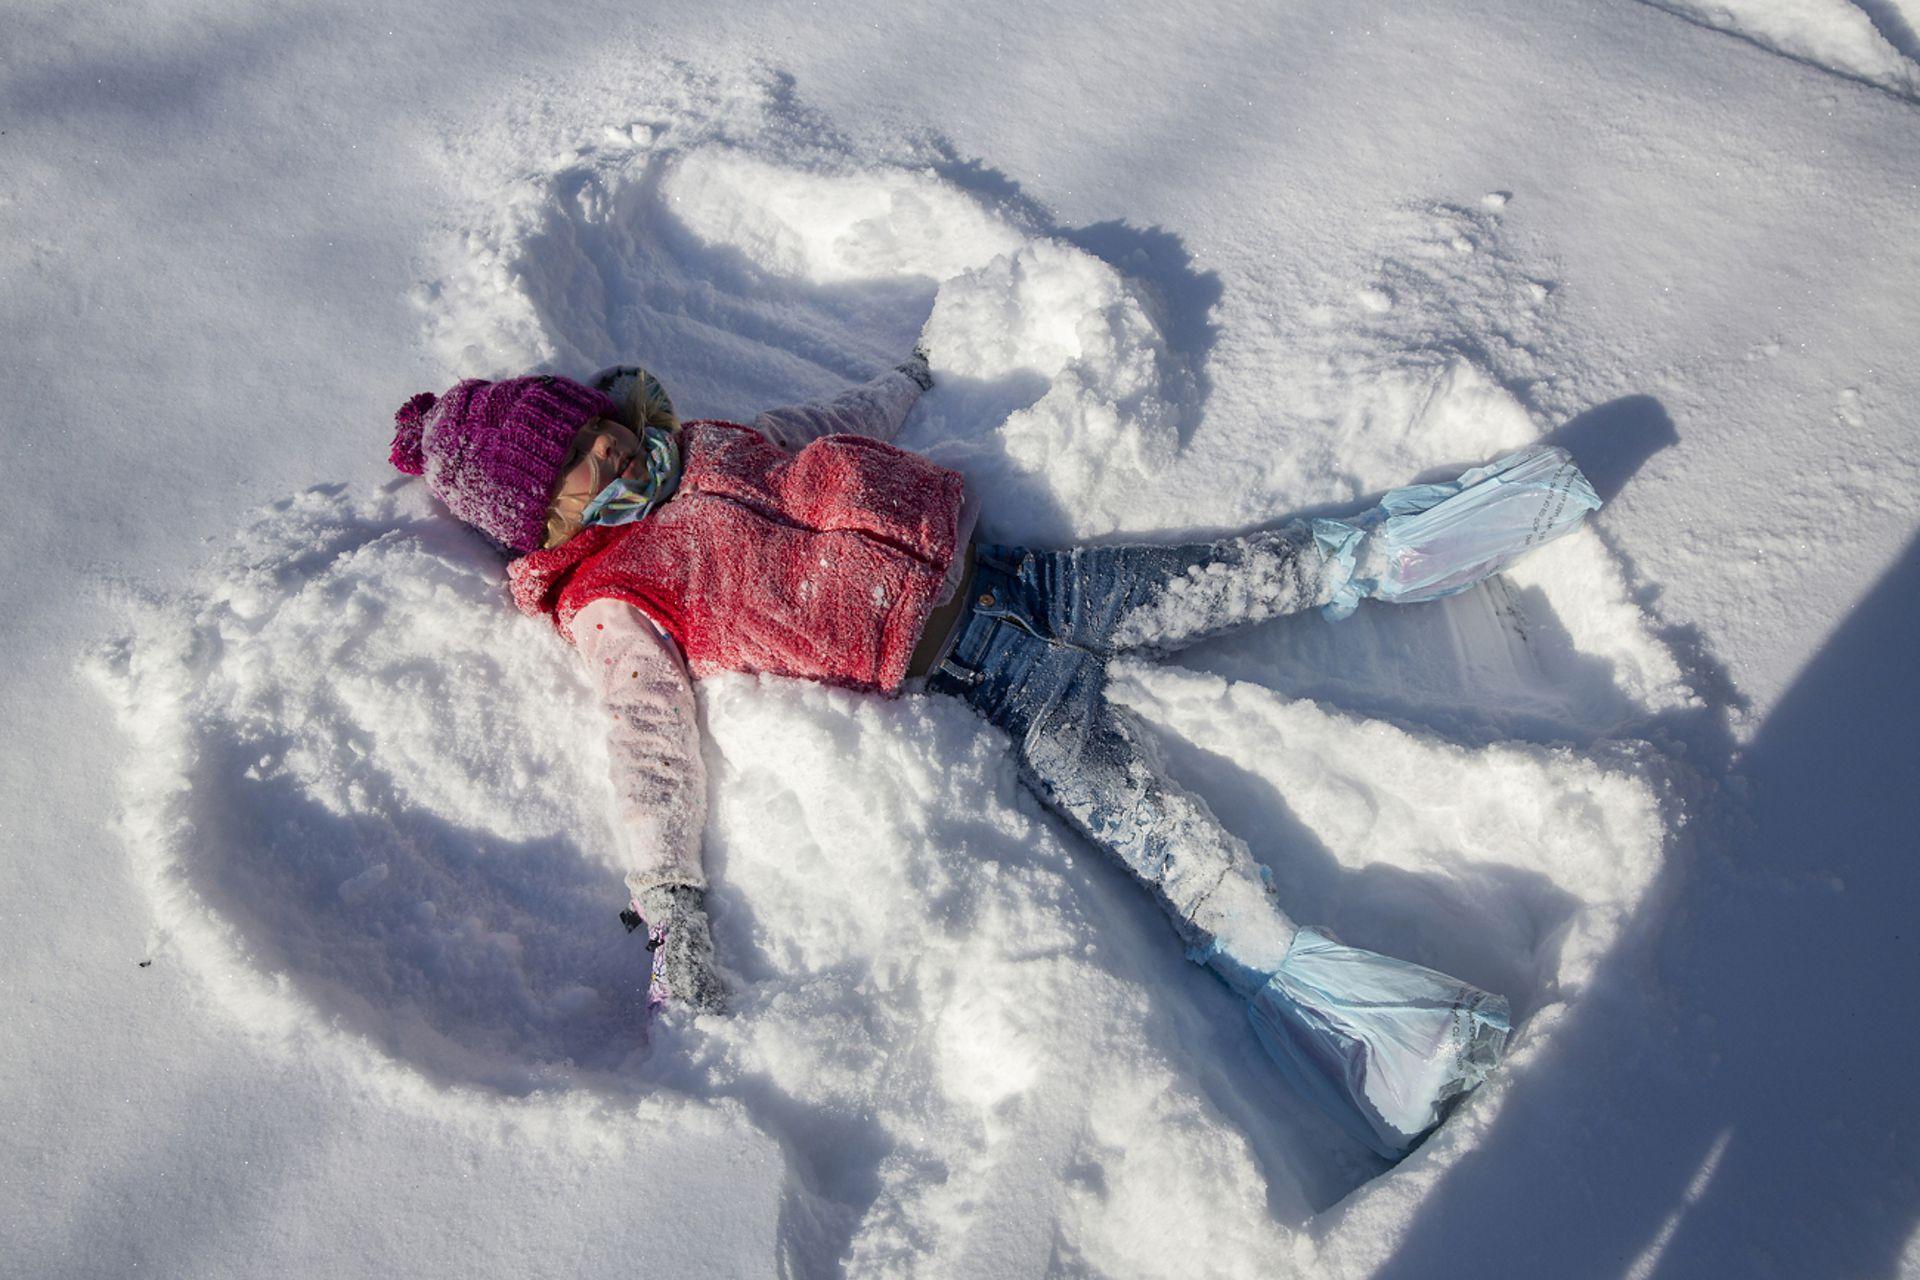 La tormenta está dejando intensas nevadas, heladas, temperaturas bajo cero y a millones de hogares sin suministro eléctrico